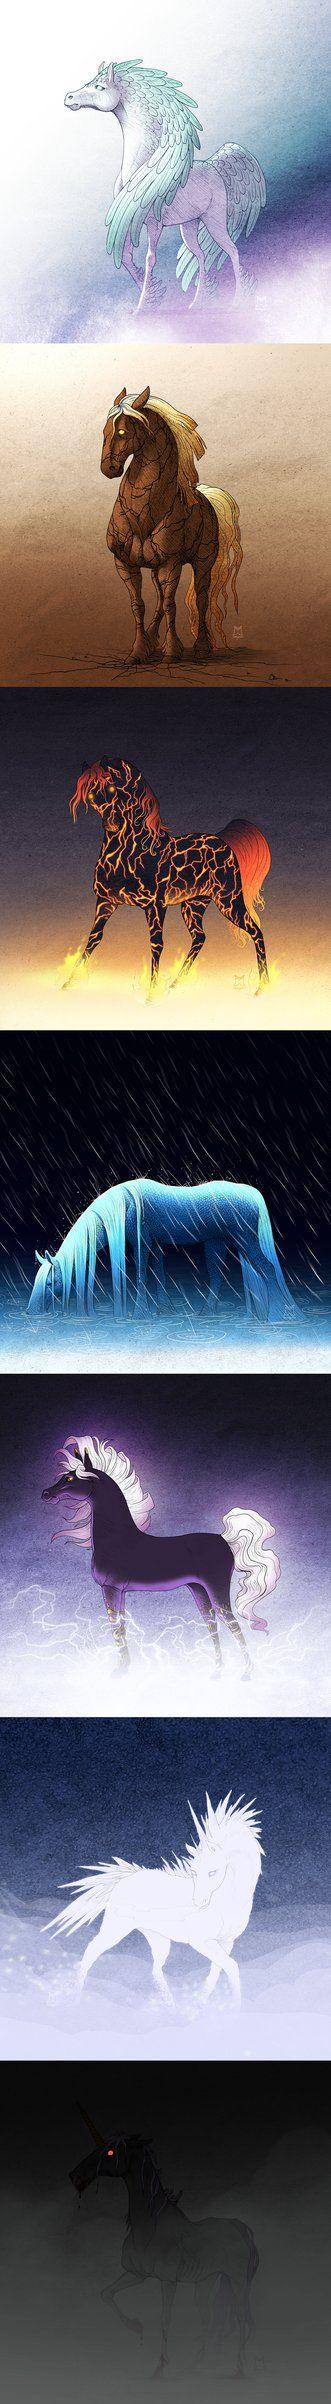 1-cavalo de elemento ar 2-cavalo de elemento terra 3-cavalo de elemento fogo 4-cavalo de elemento água 5-cavalo de elemento relâmpago⚡️ 6-cavalo de elemento gelo❄️ 7-cavalo de elemento morte